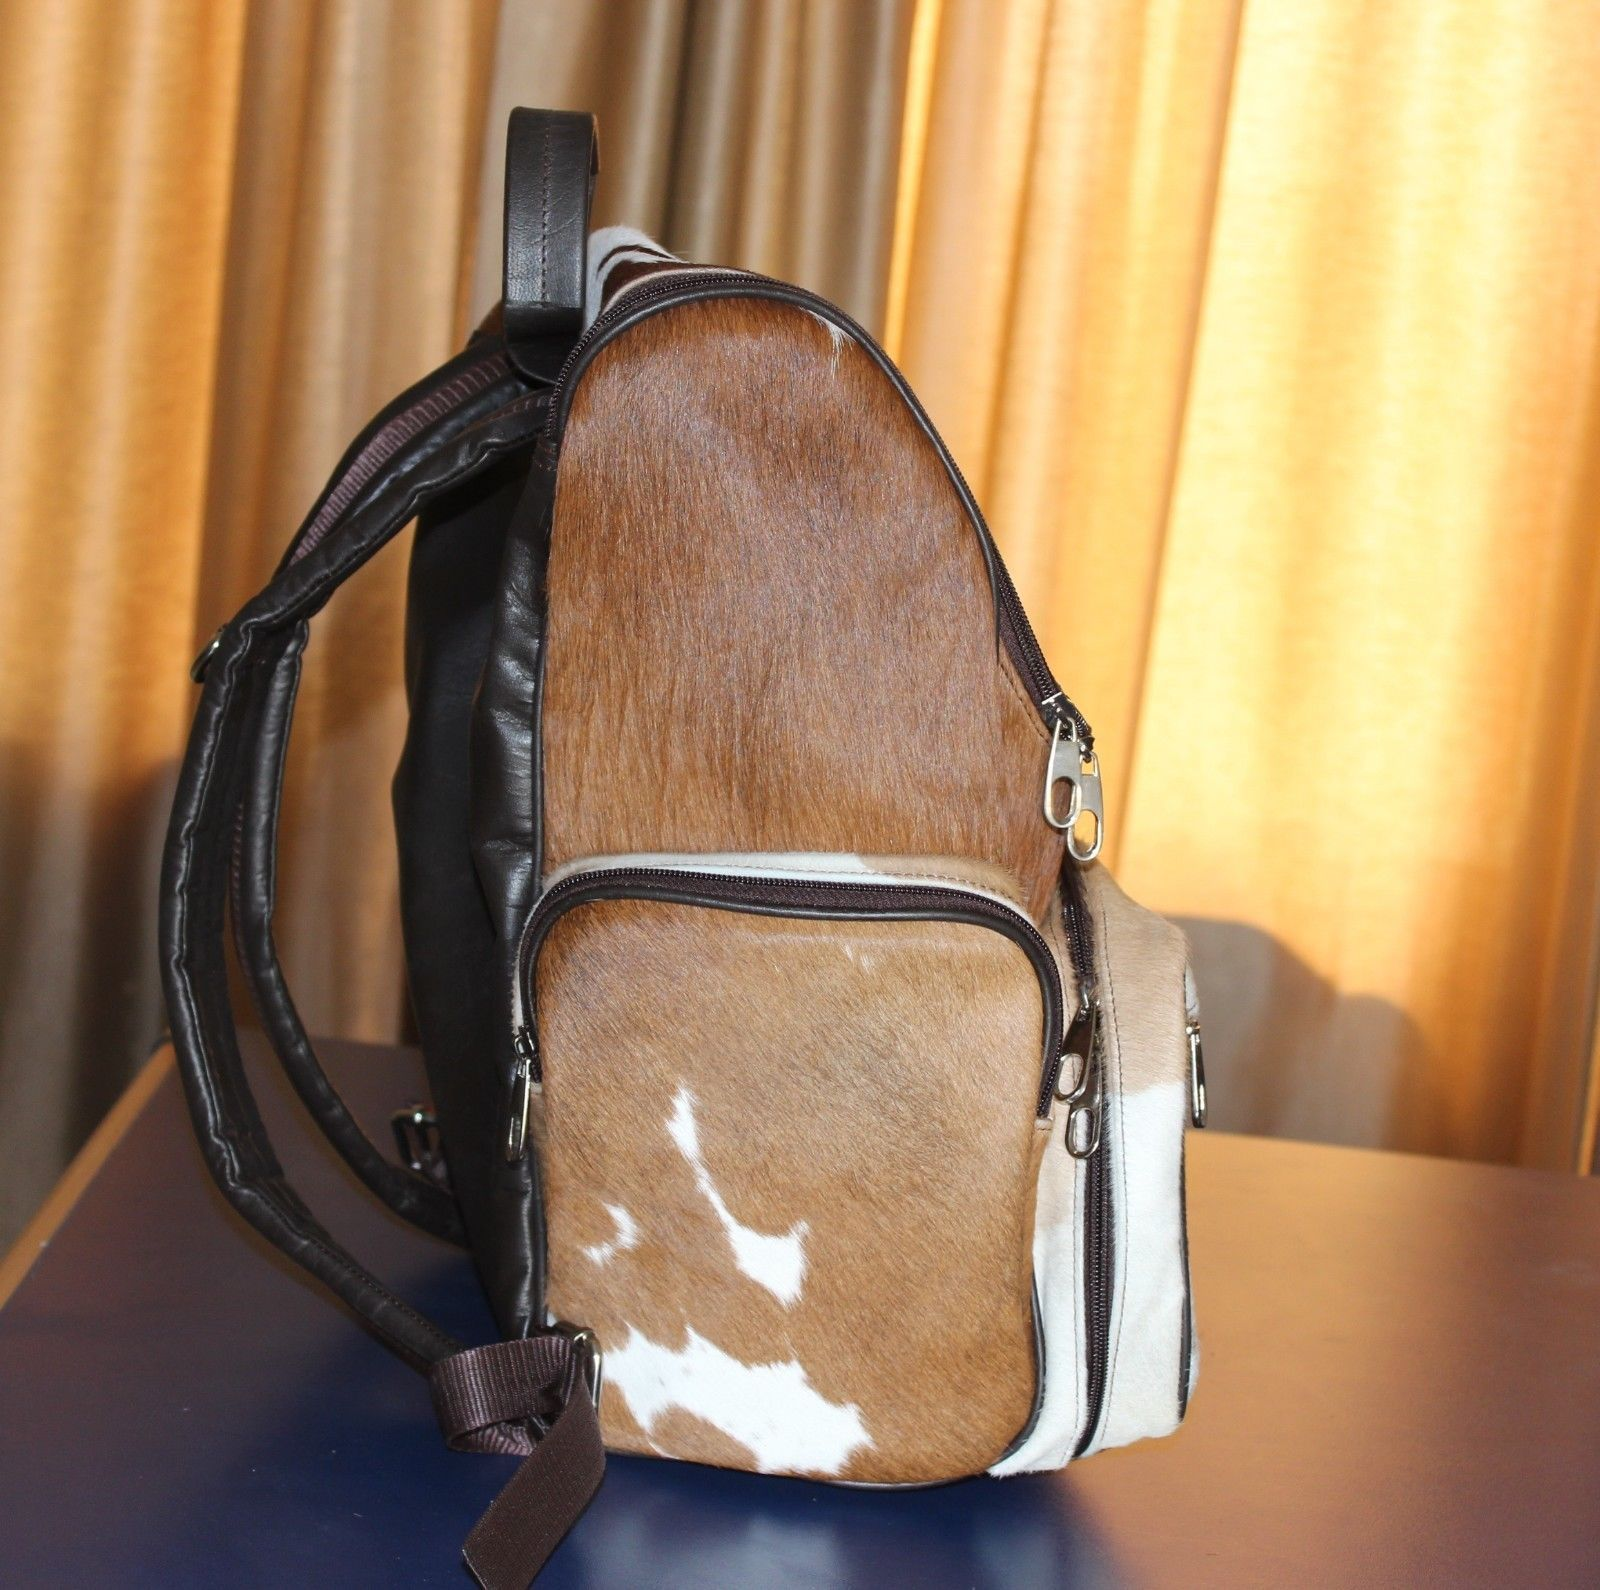 Cowhair Backpack natural leather ladies Genuine Cowhide Weekender Shoulder Bags image 2